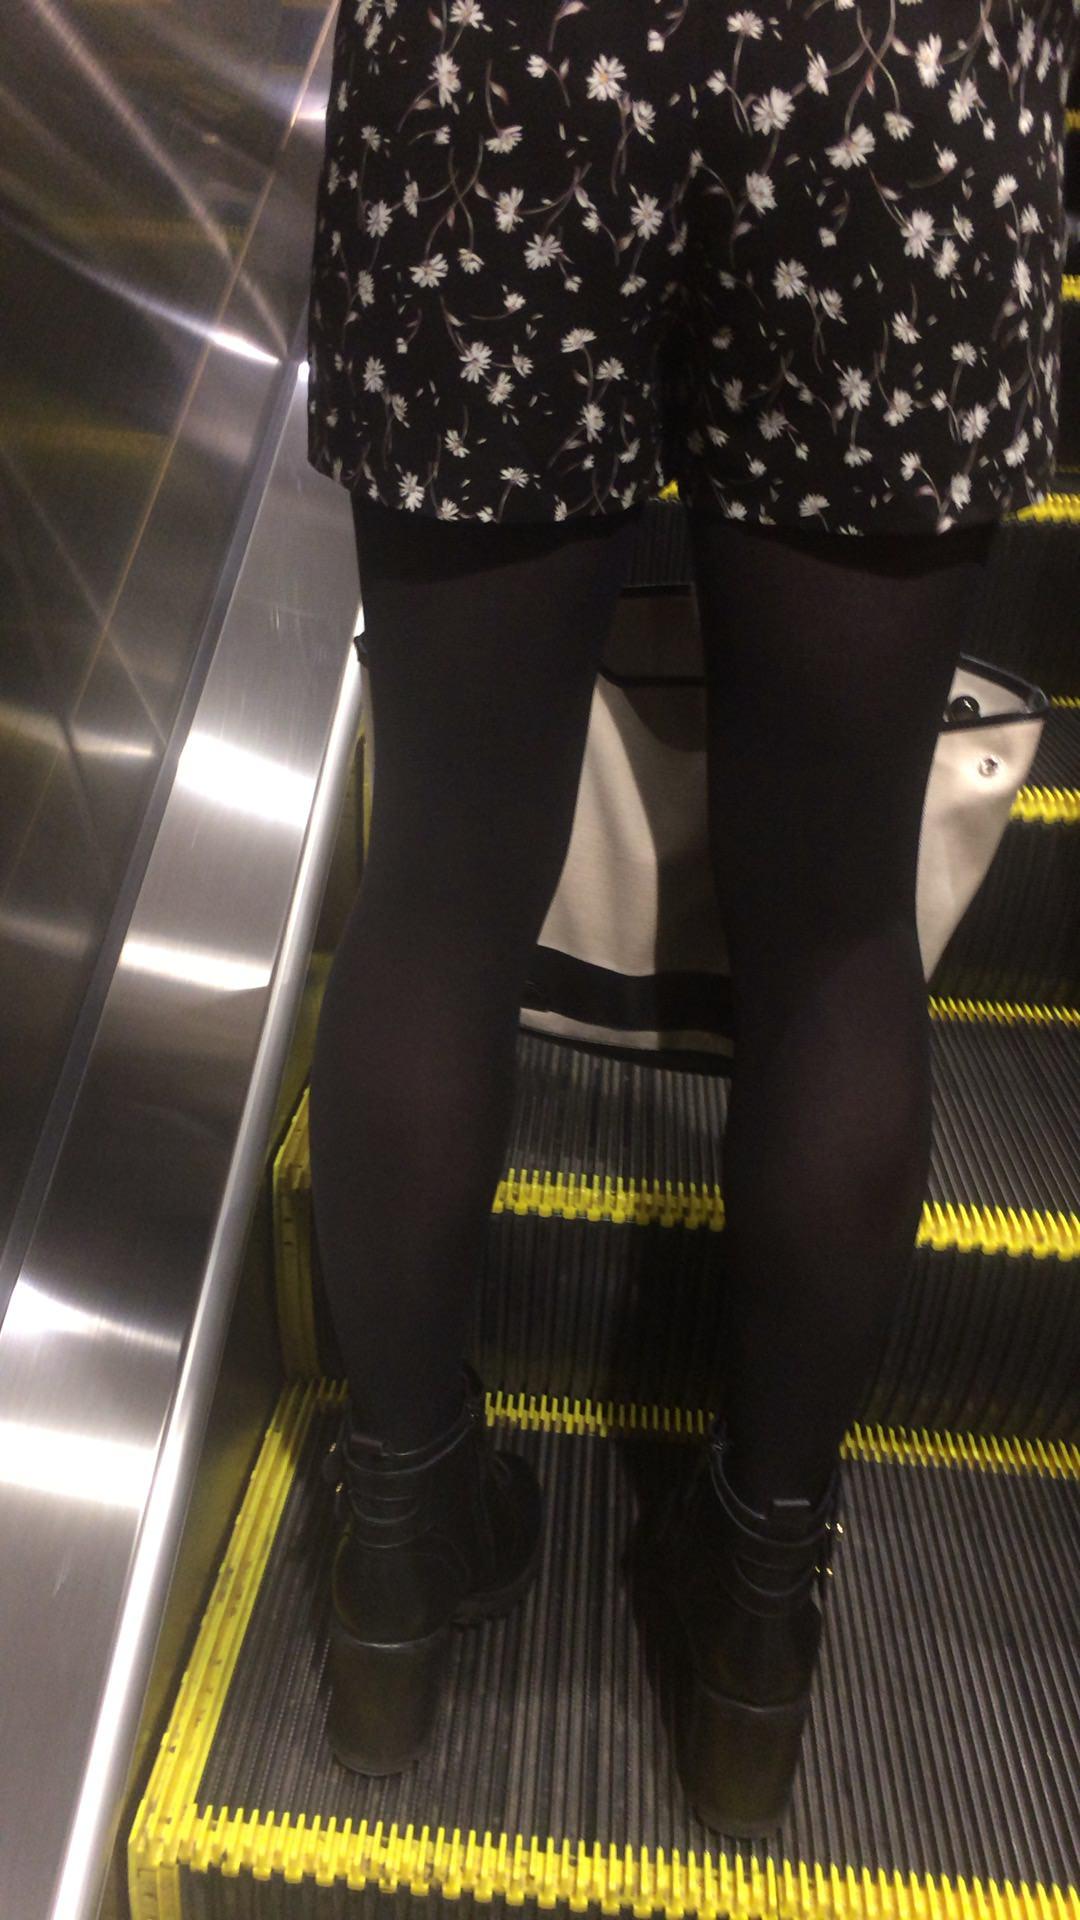 黒いパンスト履いてるエロギャル画像!!!!マジでエッチだぁーwww TcBszJK